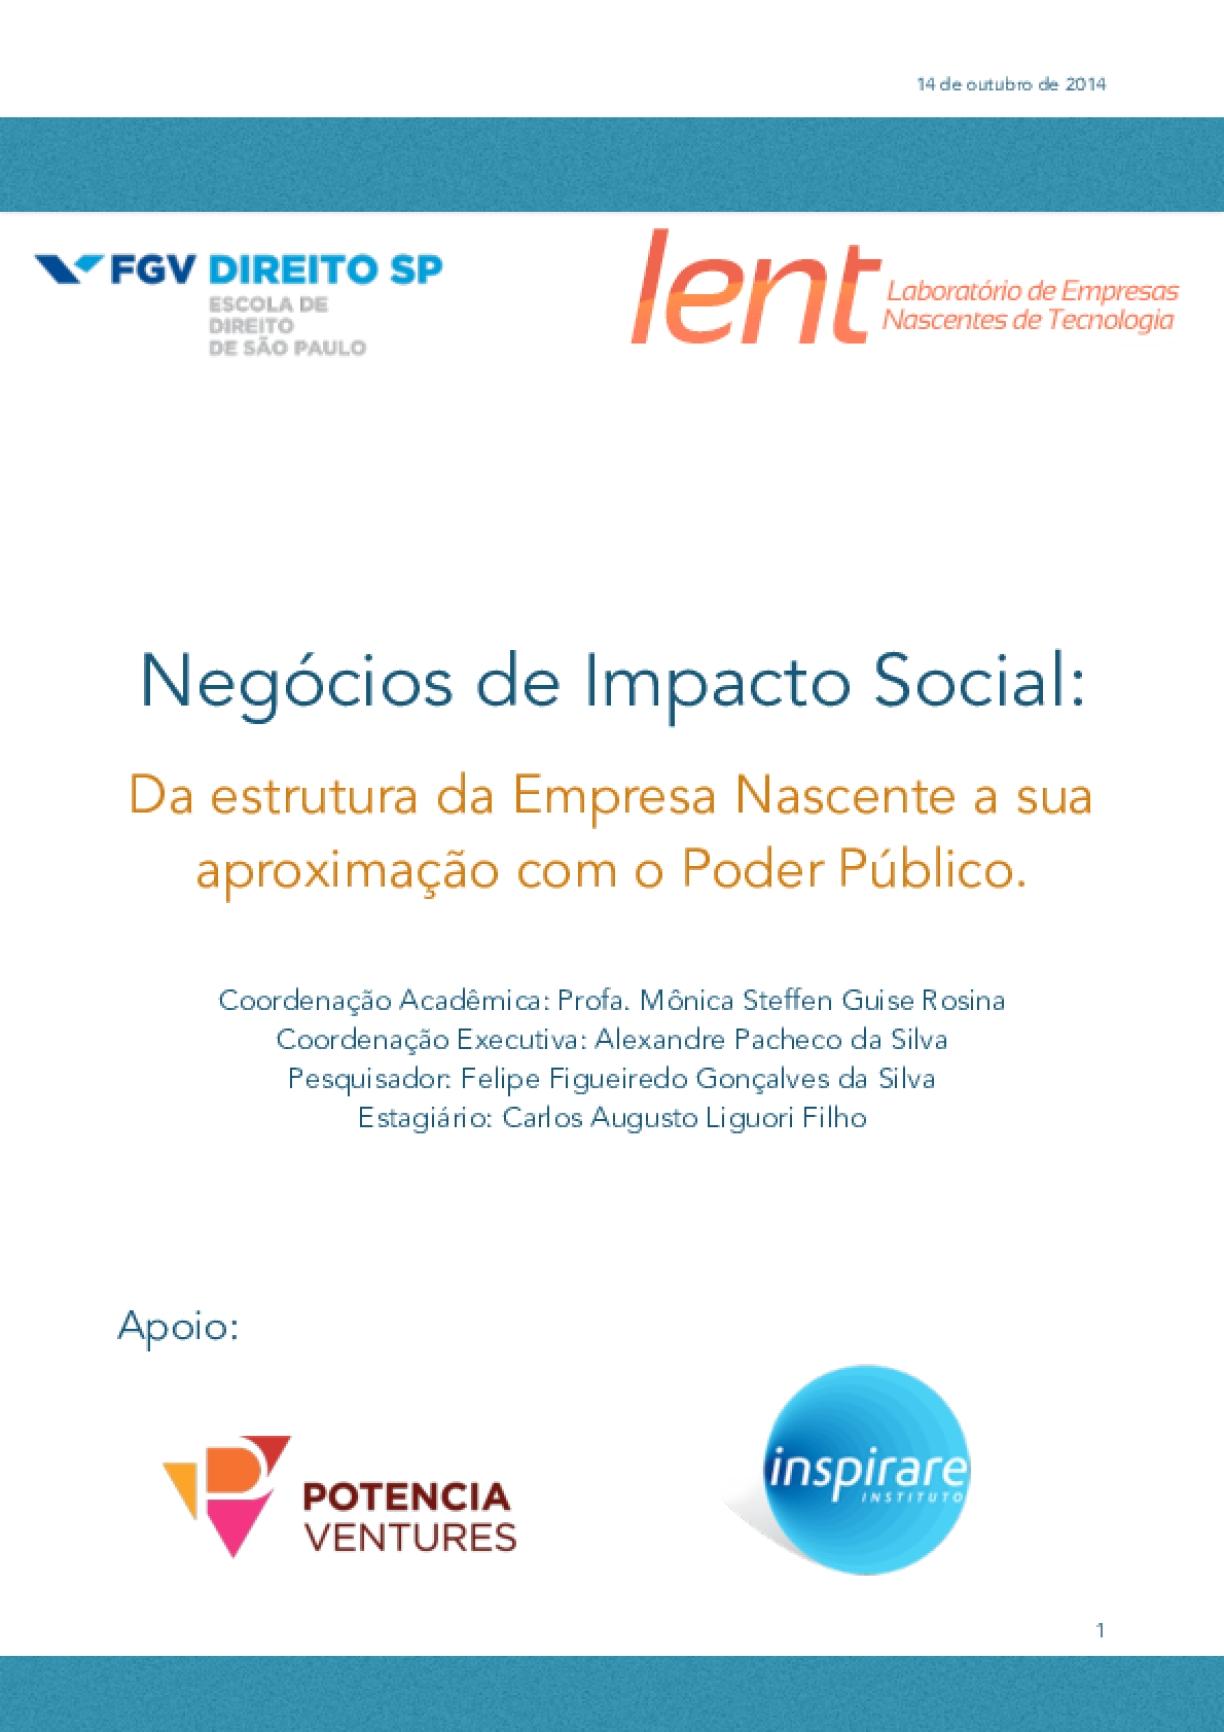 Negócios de impacto social: da estrutura da empresa Nascente a sua aproximação com o poder público